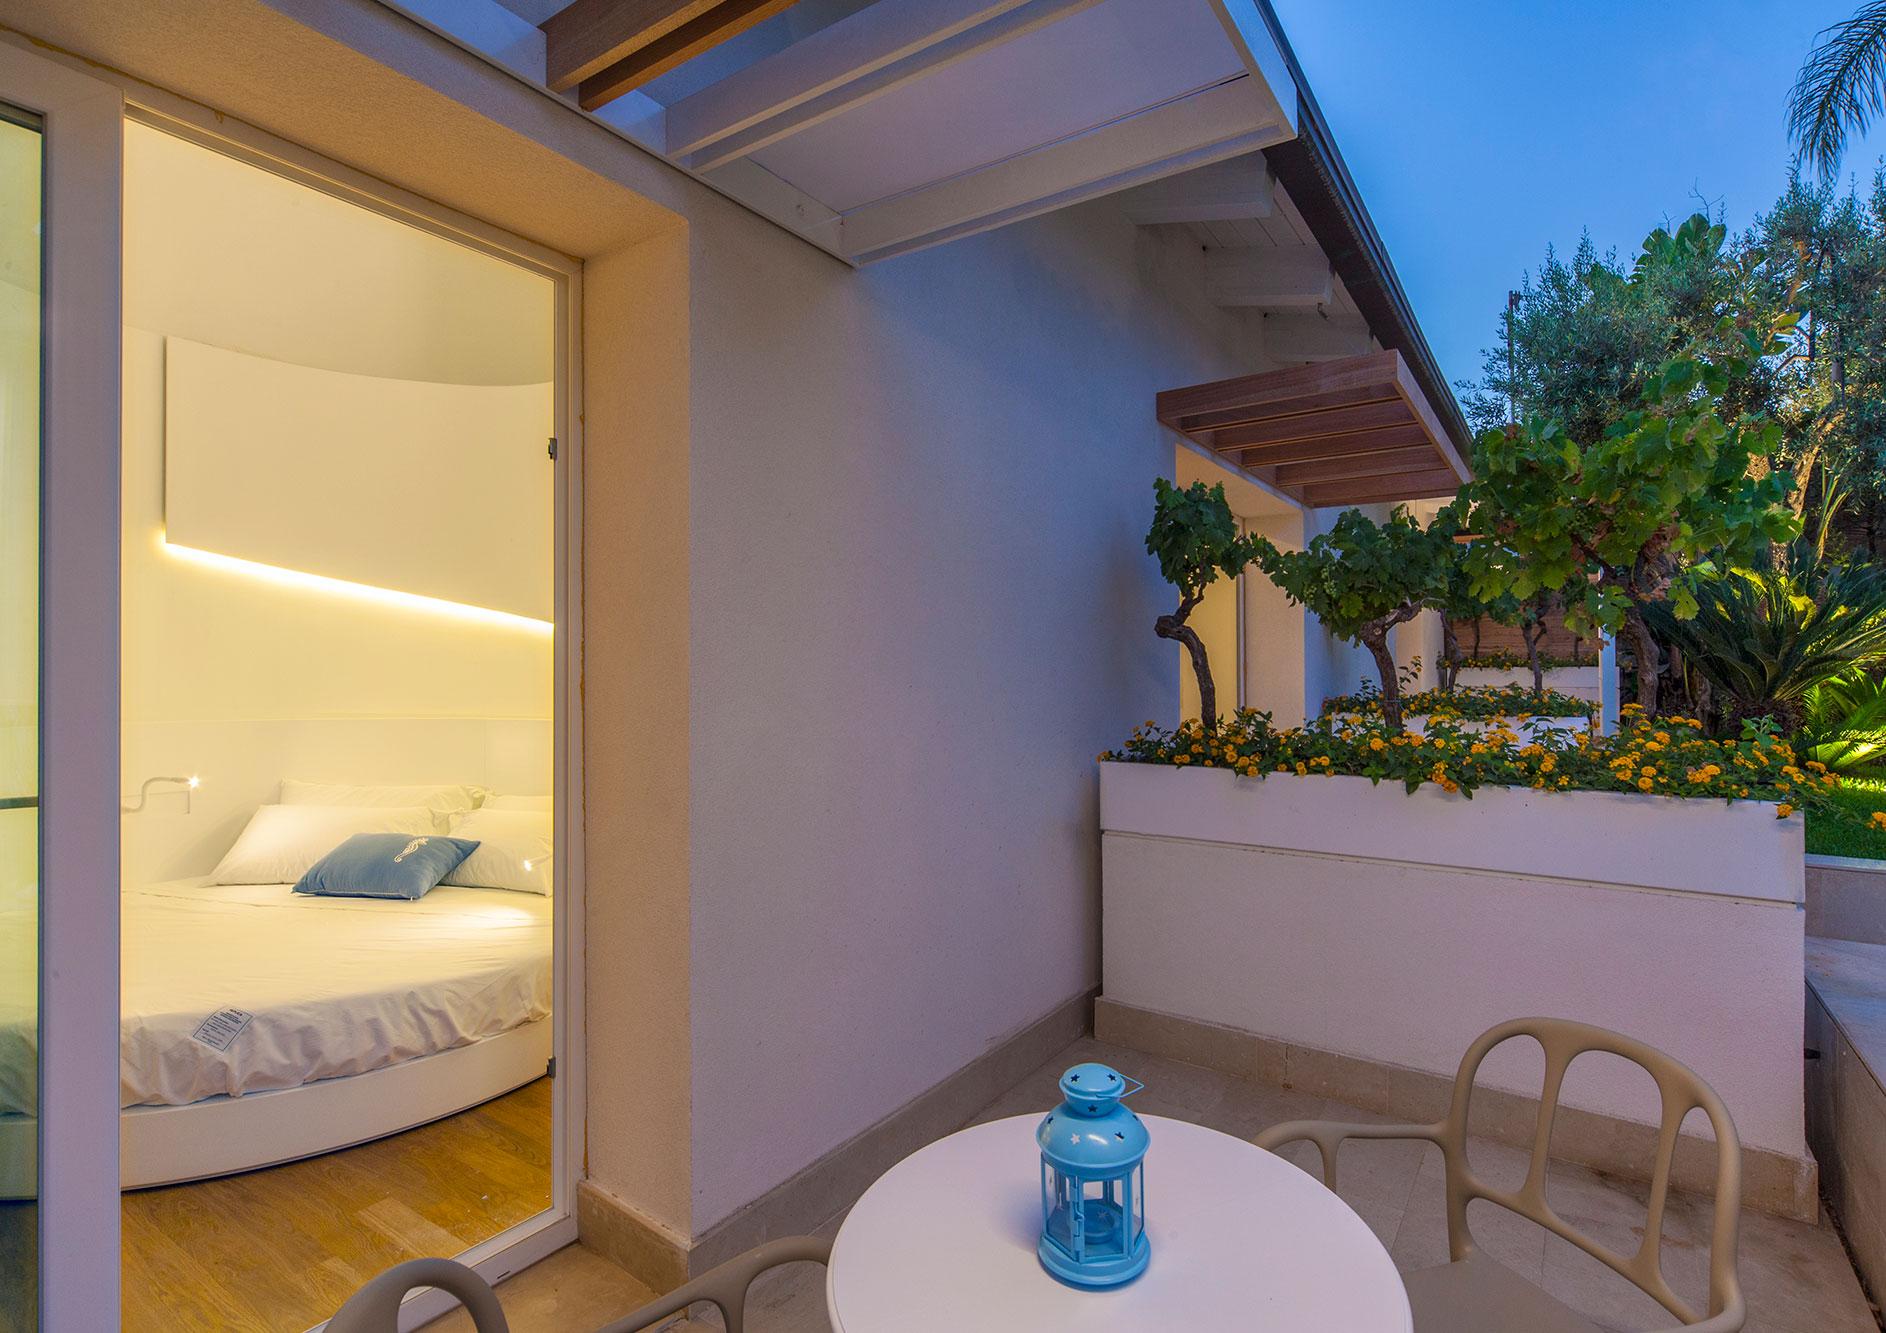 standard-con-terrazzo-vista-giardino-4